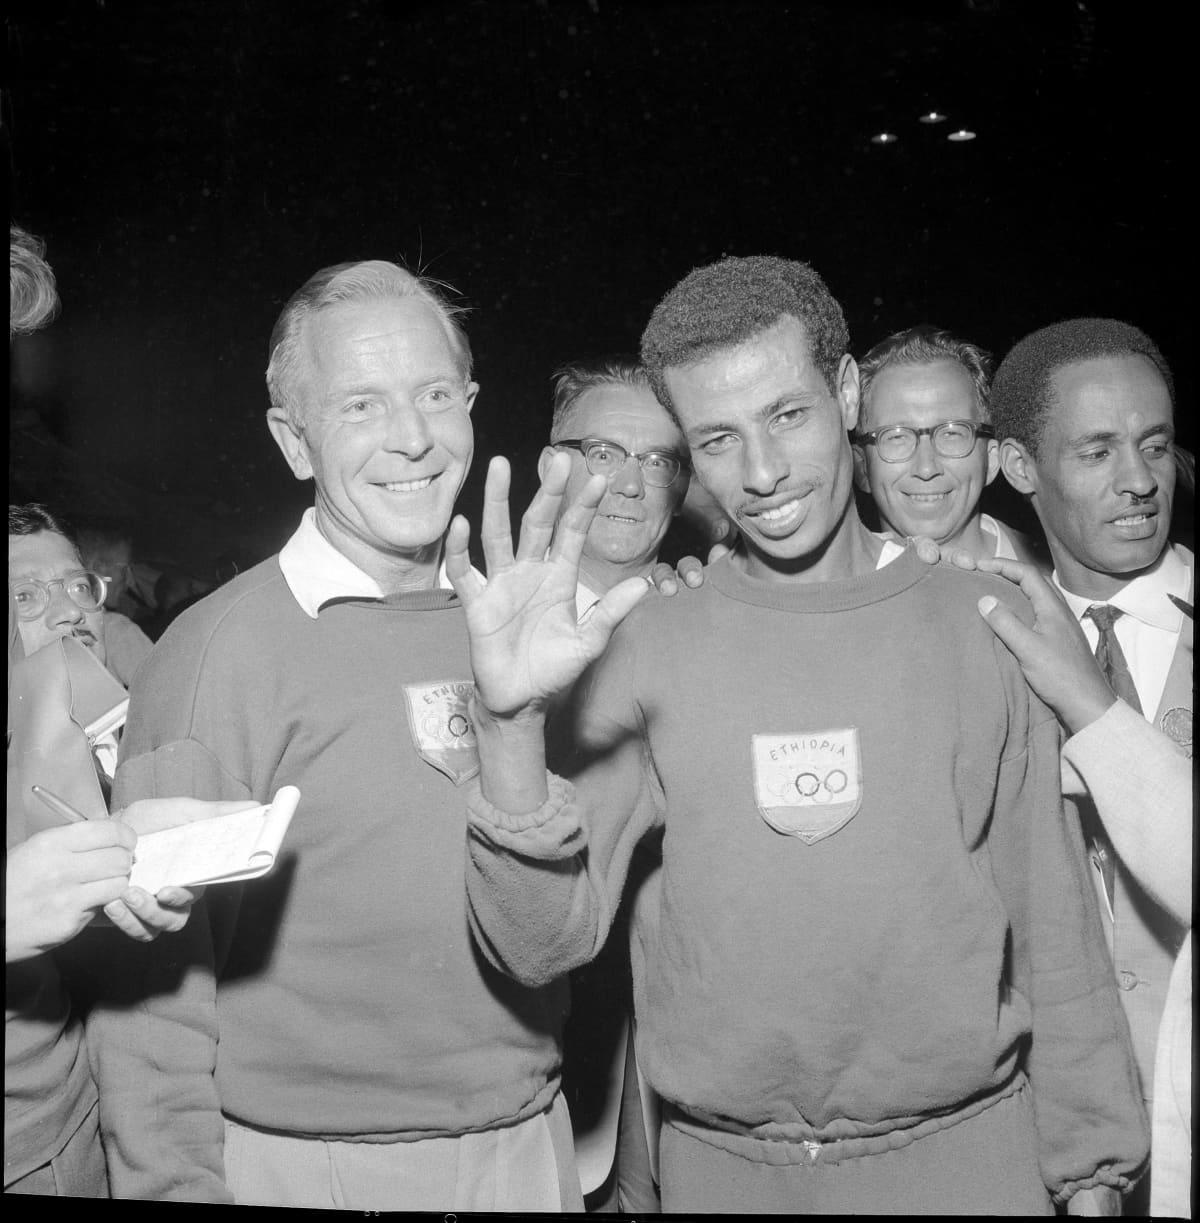 Marantonin olympiavoittaja Abebe Bikila 1960 Roomassa valmentajansa Onni Niskasen kanssa